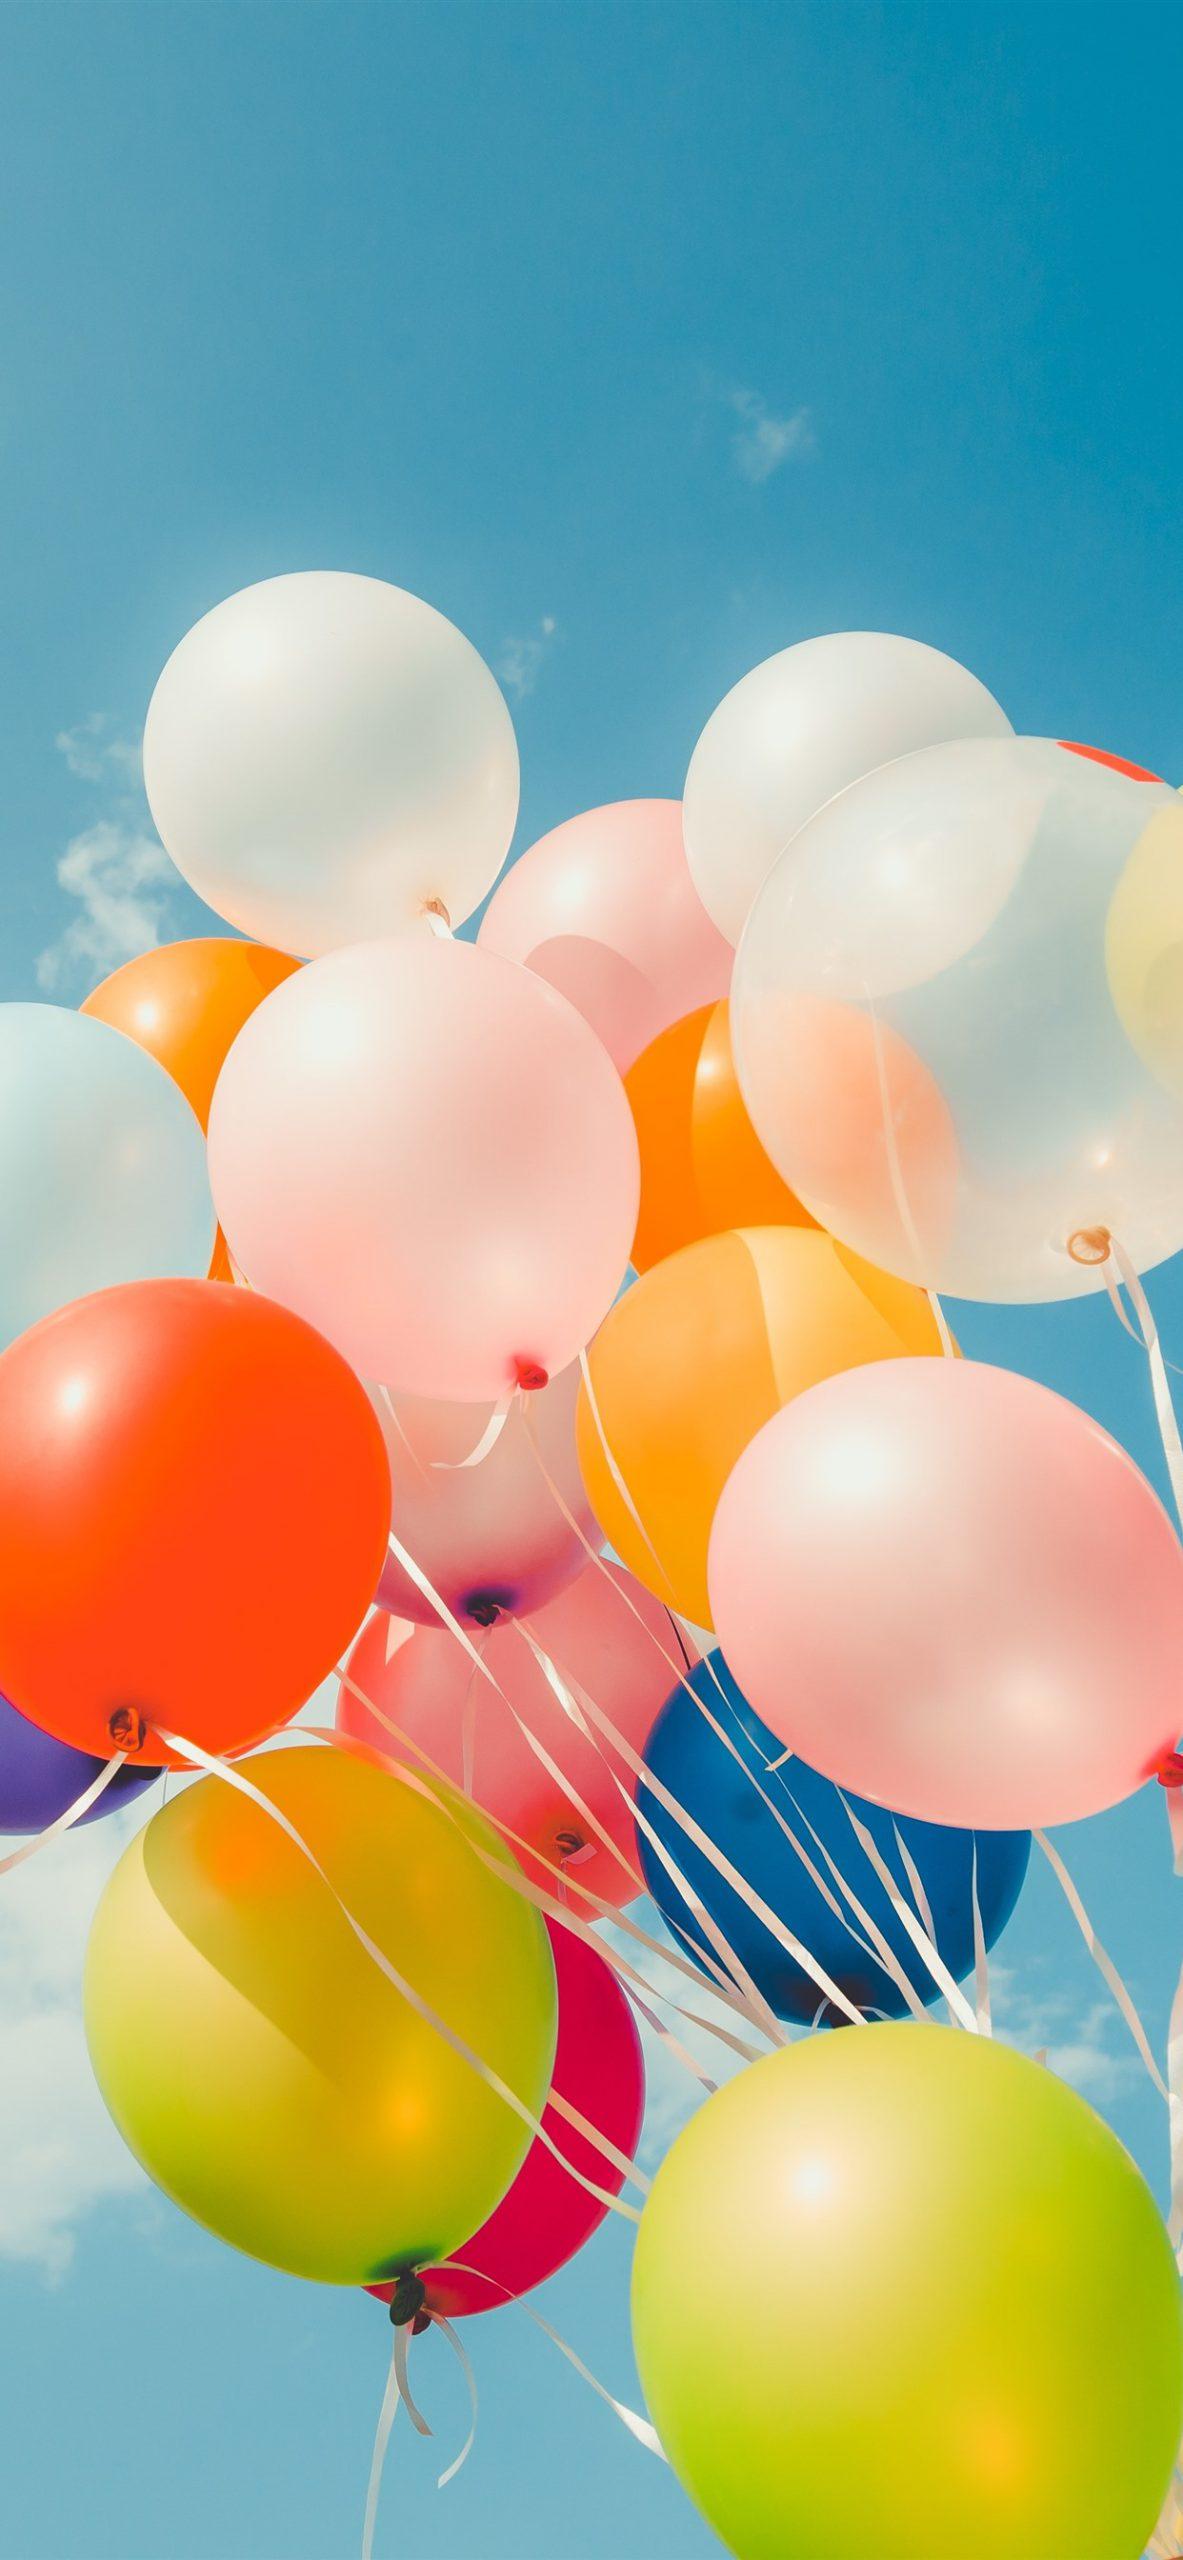 Best Balloons Wallpaper